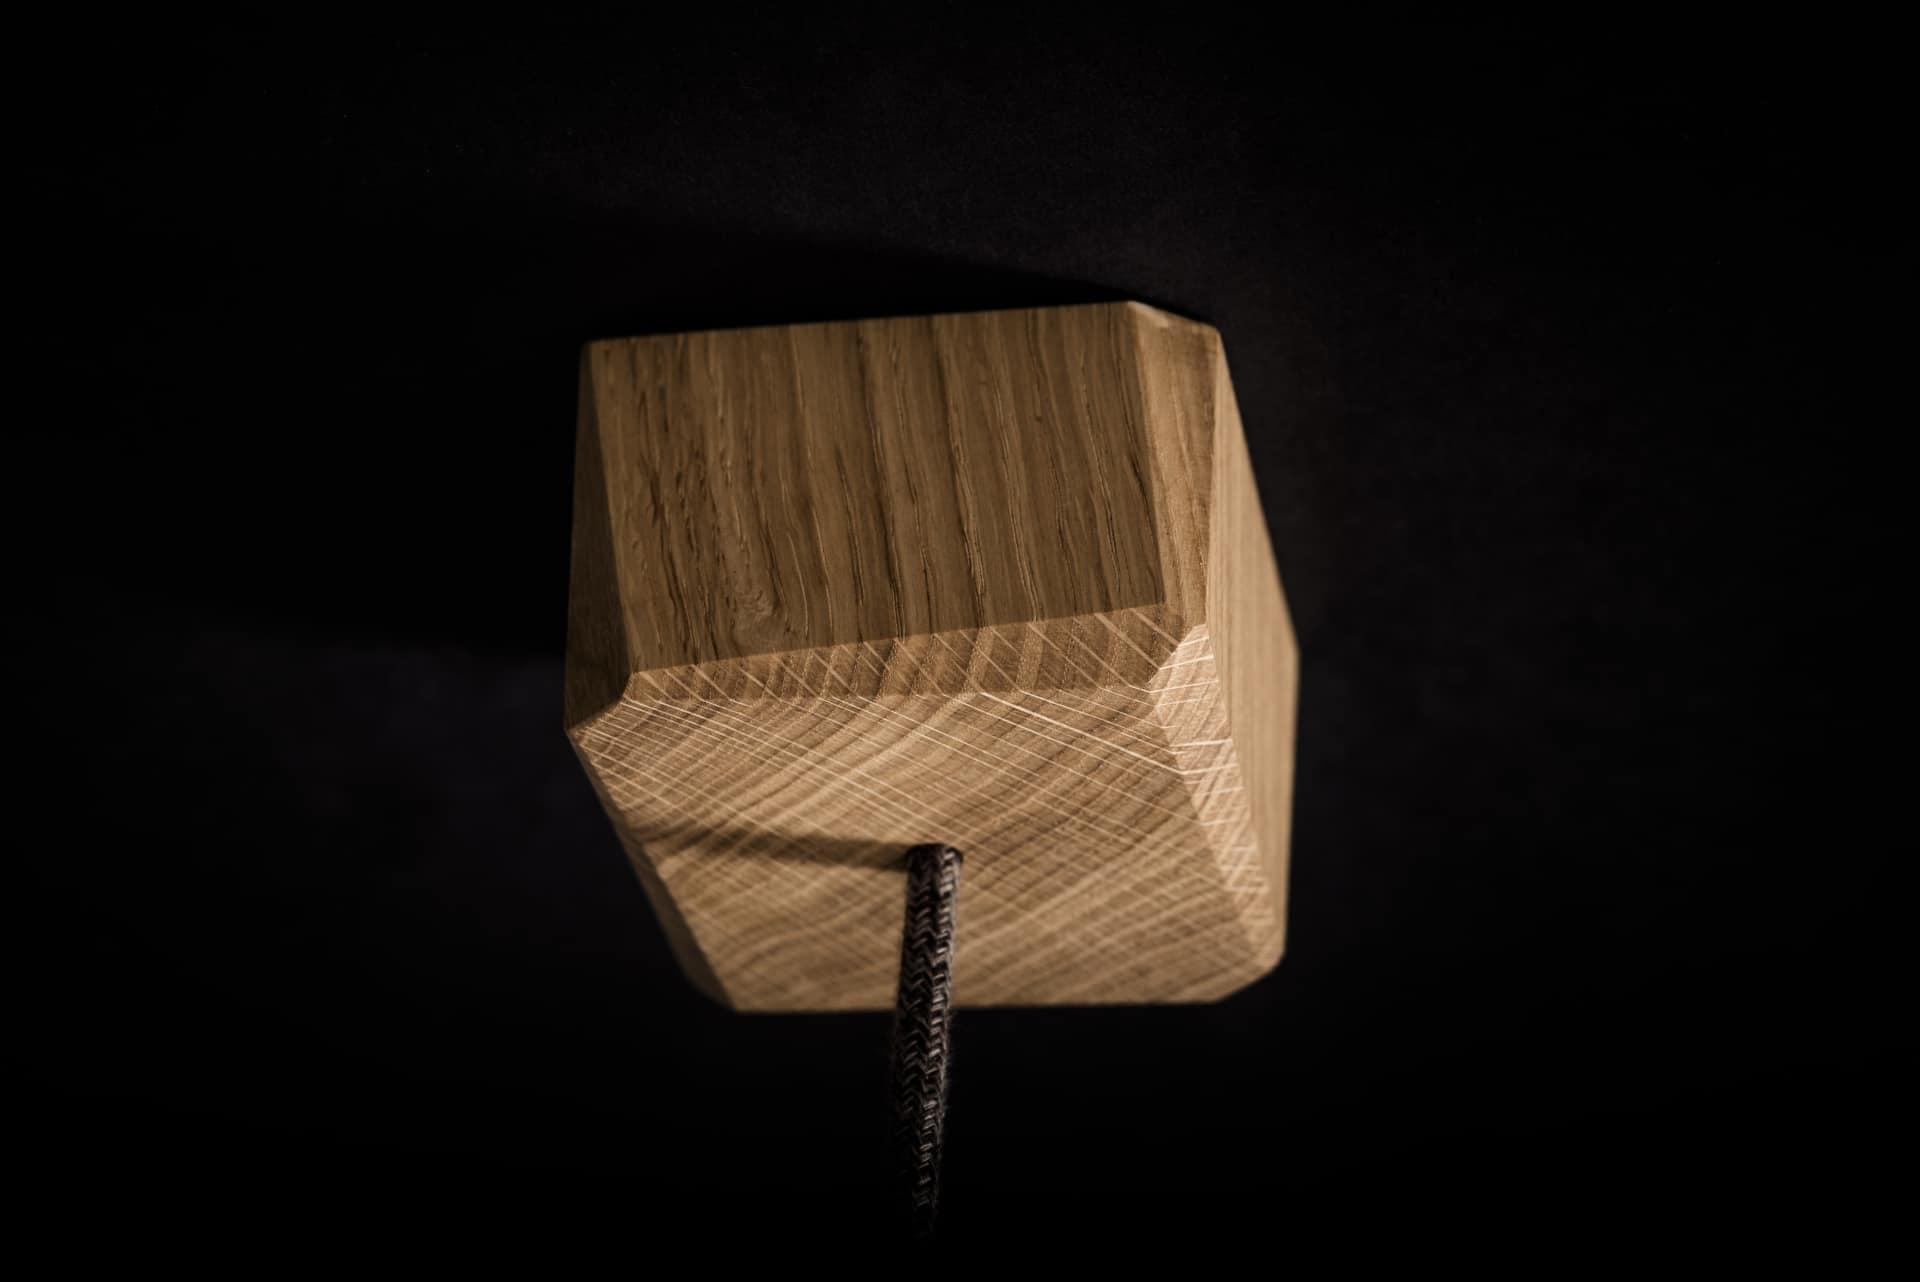 Hängeleuchte – Verschnitt Kubusleuchte Decke – Eichenholz – Detailansicht